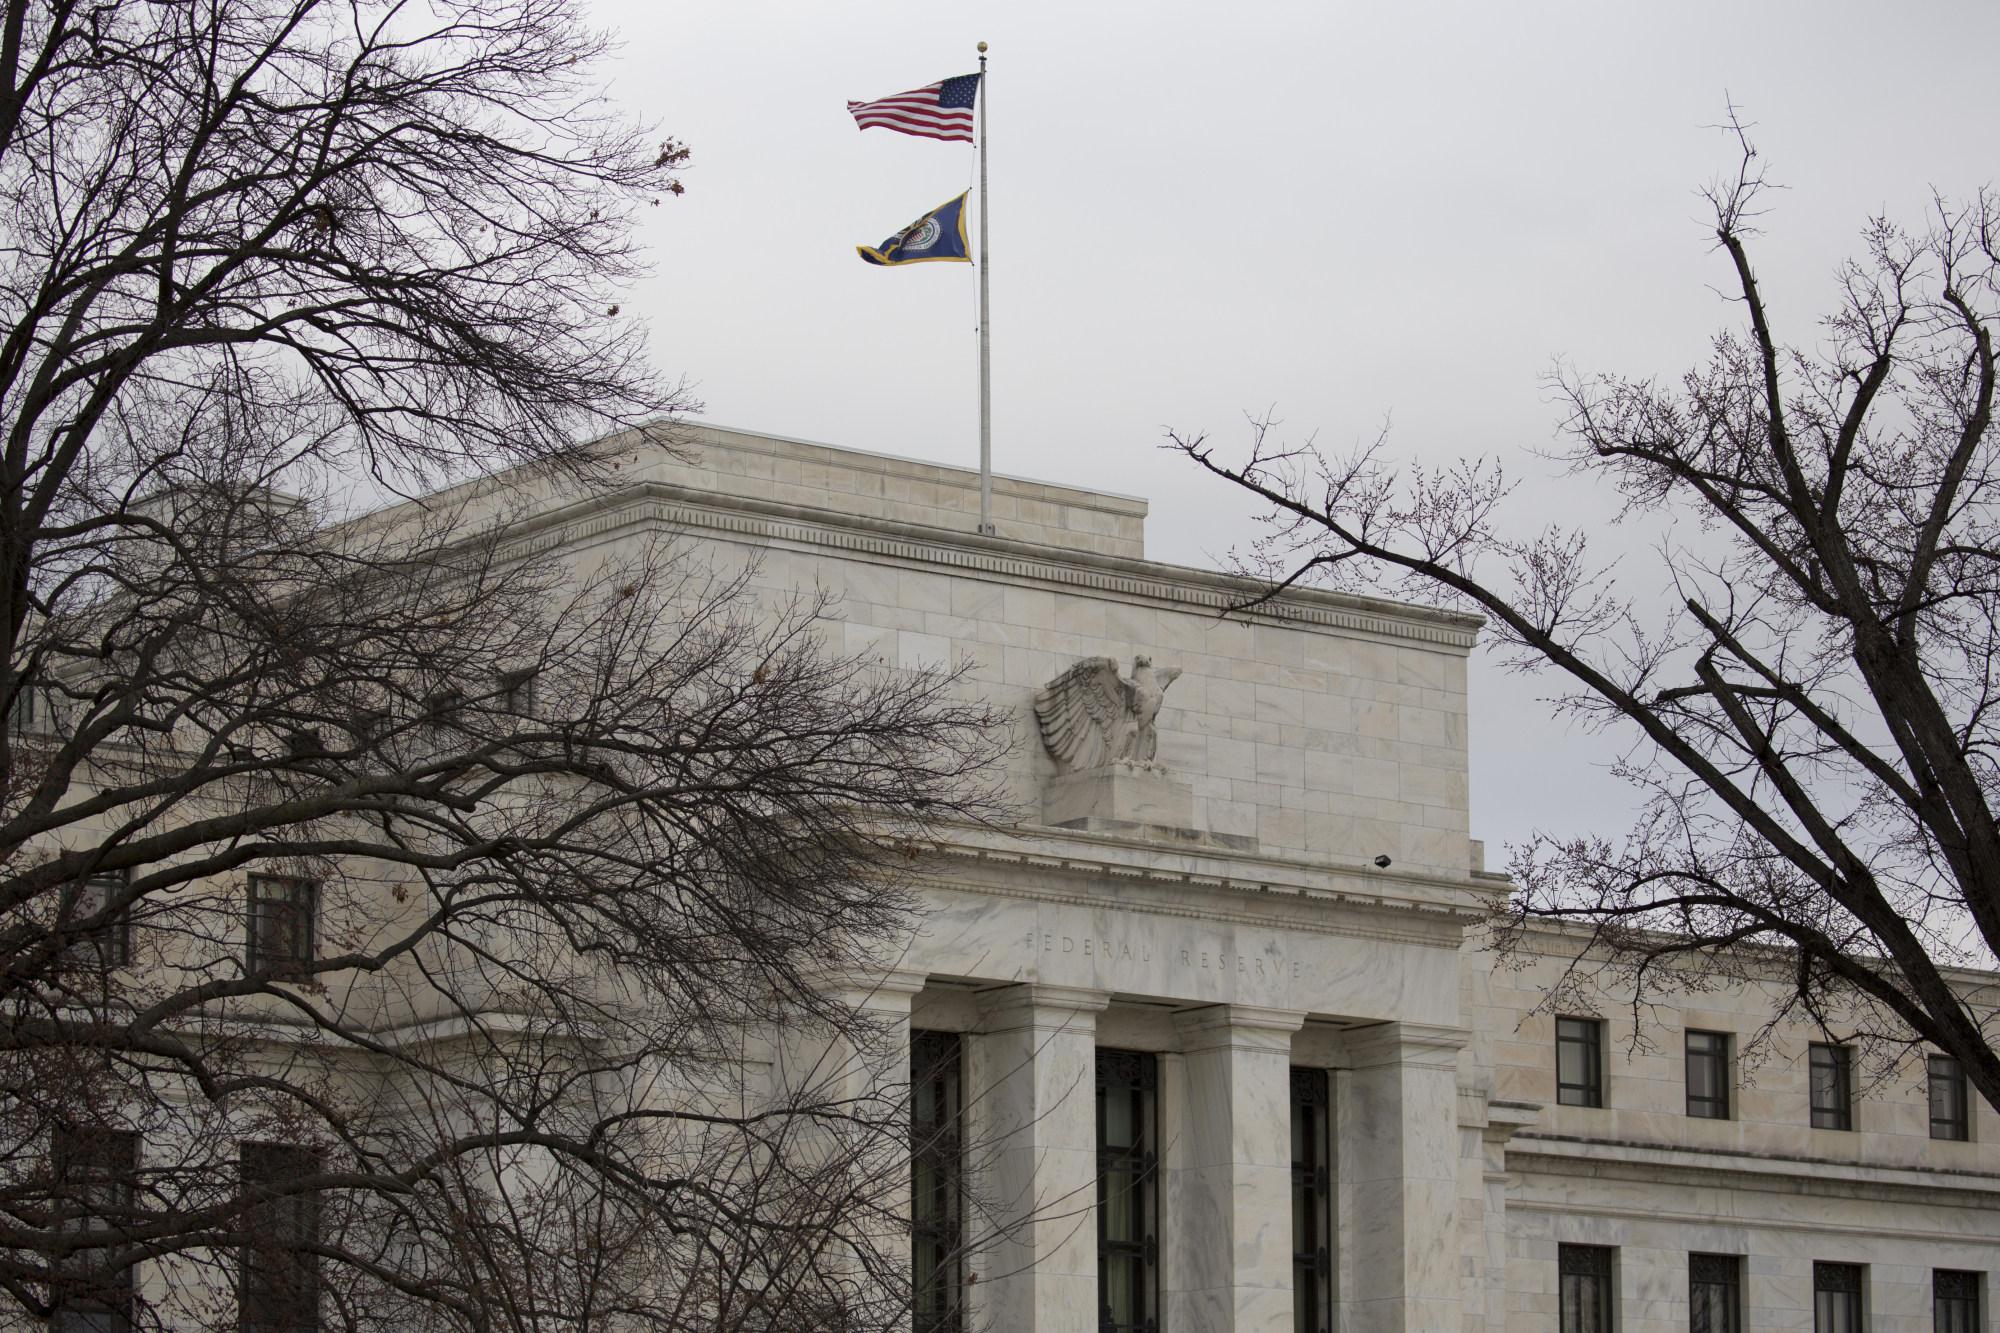 美伊局势缓和日元从三个月高位回落 美元喜获数据支撑